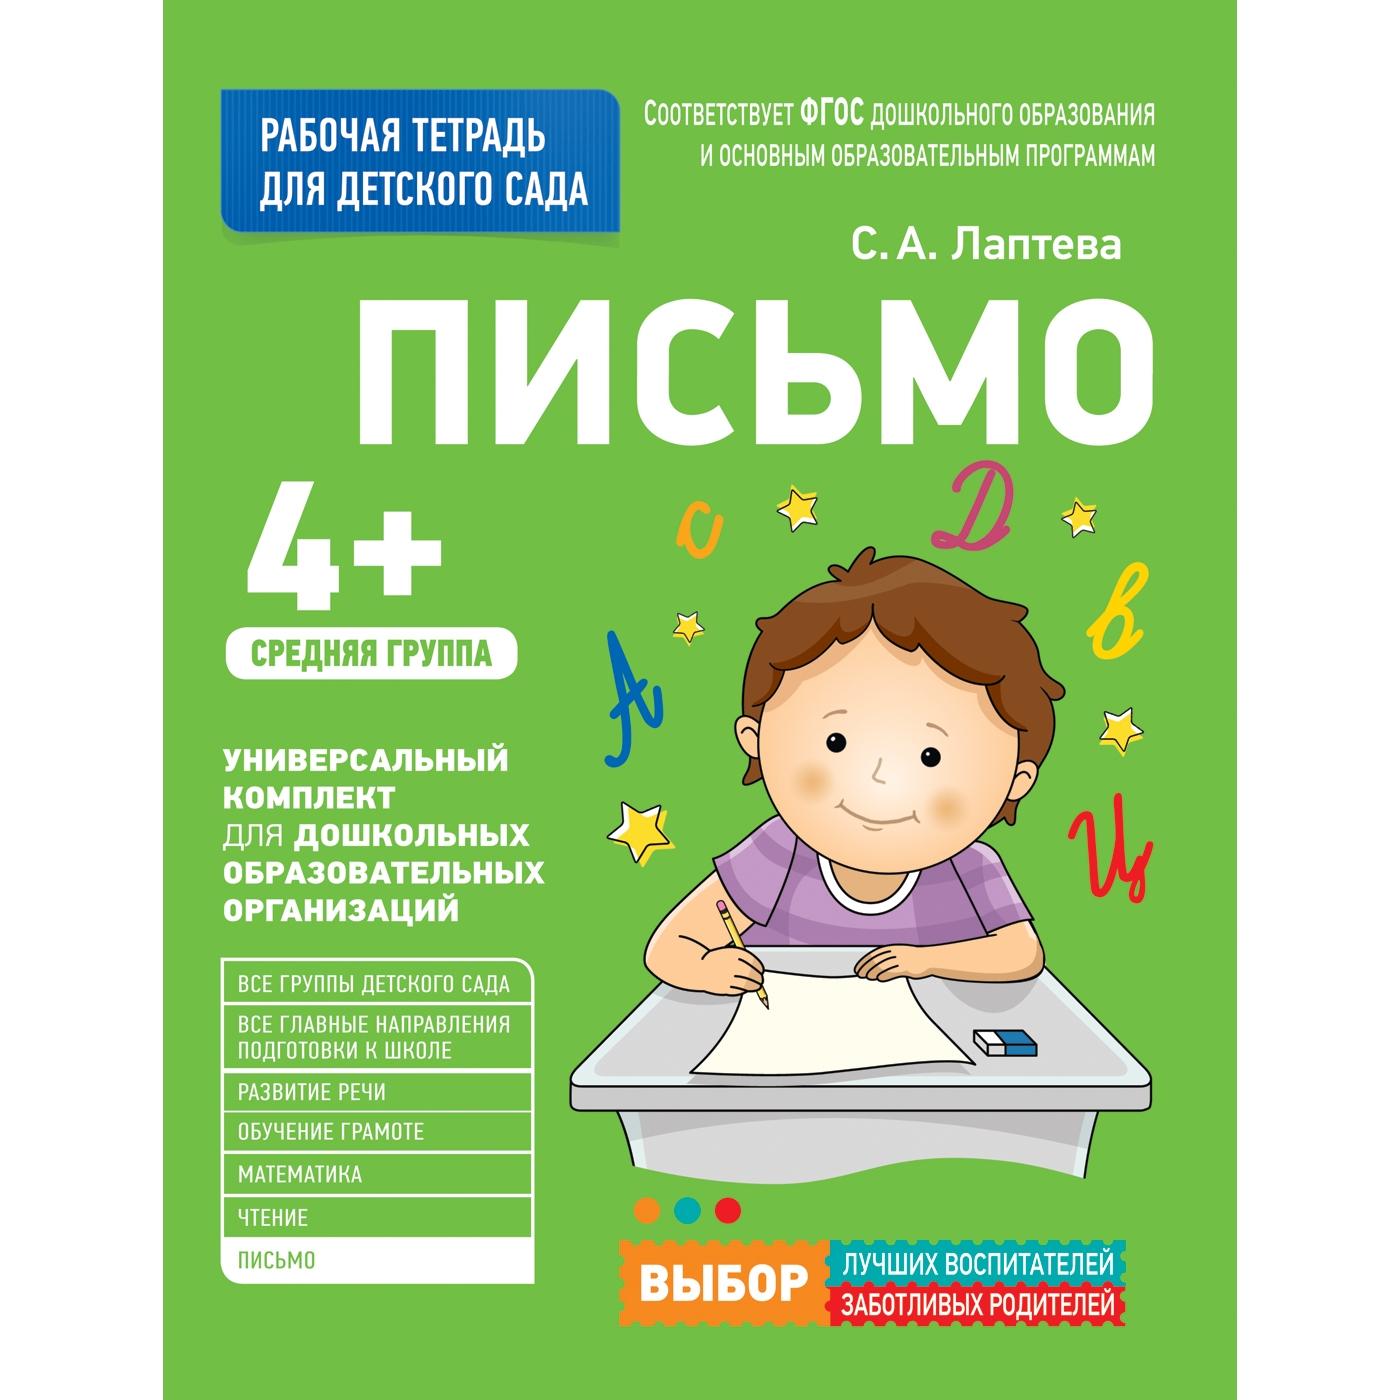 Рабочая тетрадь для детского сада. Письмо. Средняя группаПрописи<br>Рабочая тетрадь для детского сада. Письмо. Средняя группа<br>